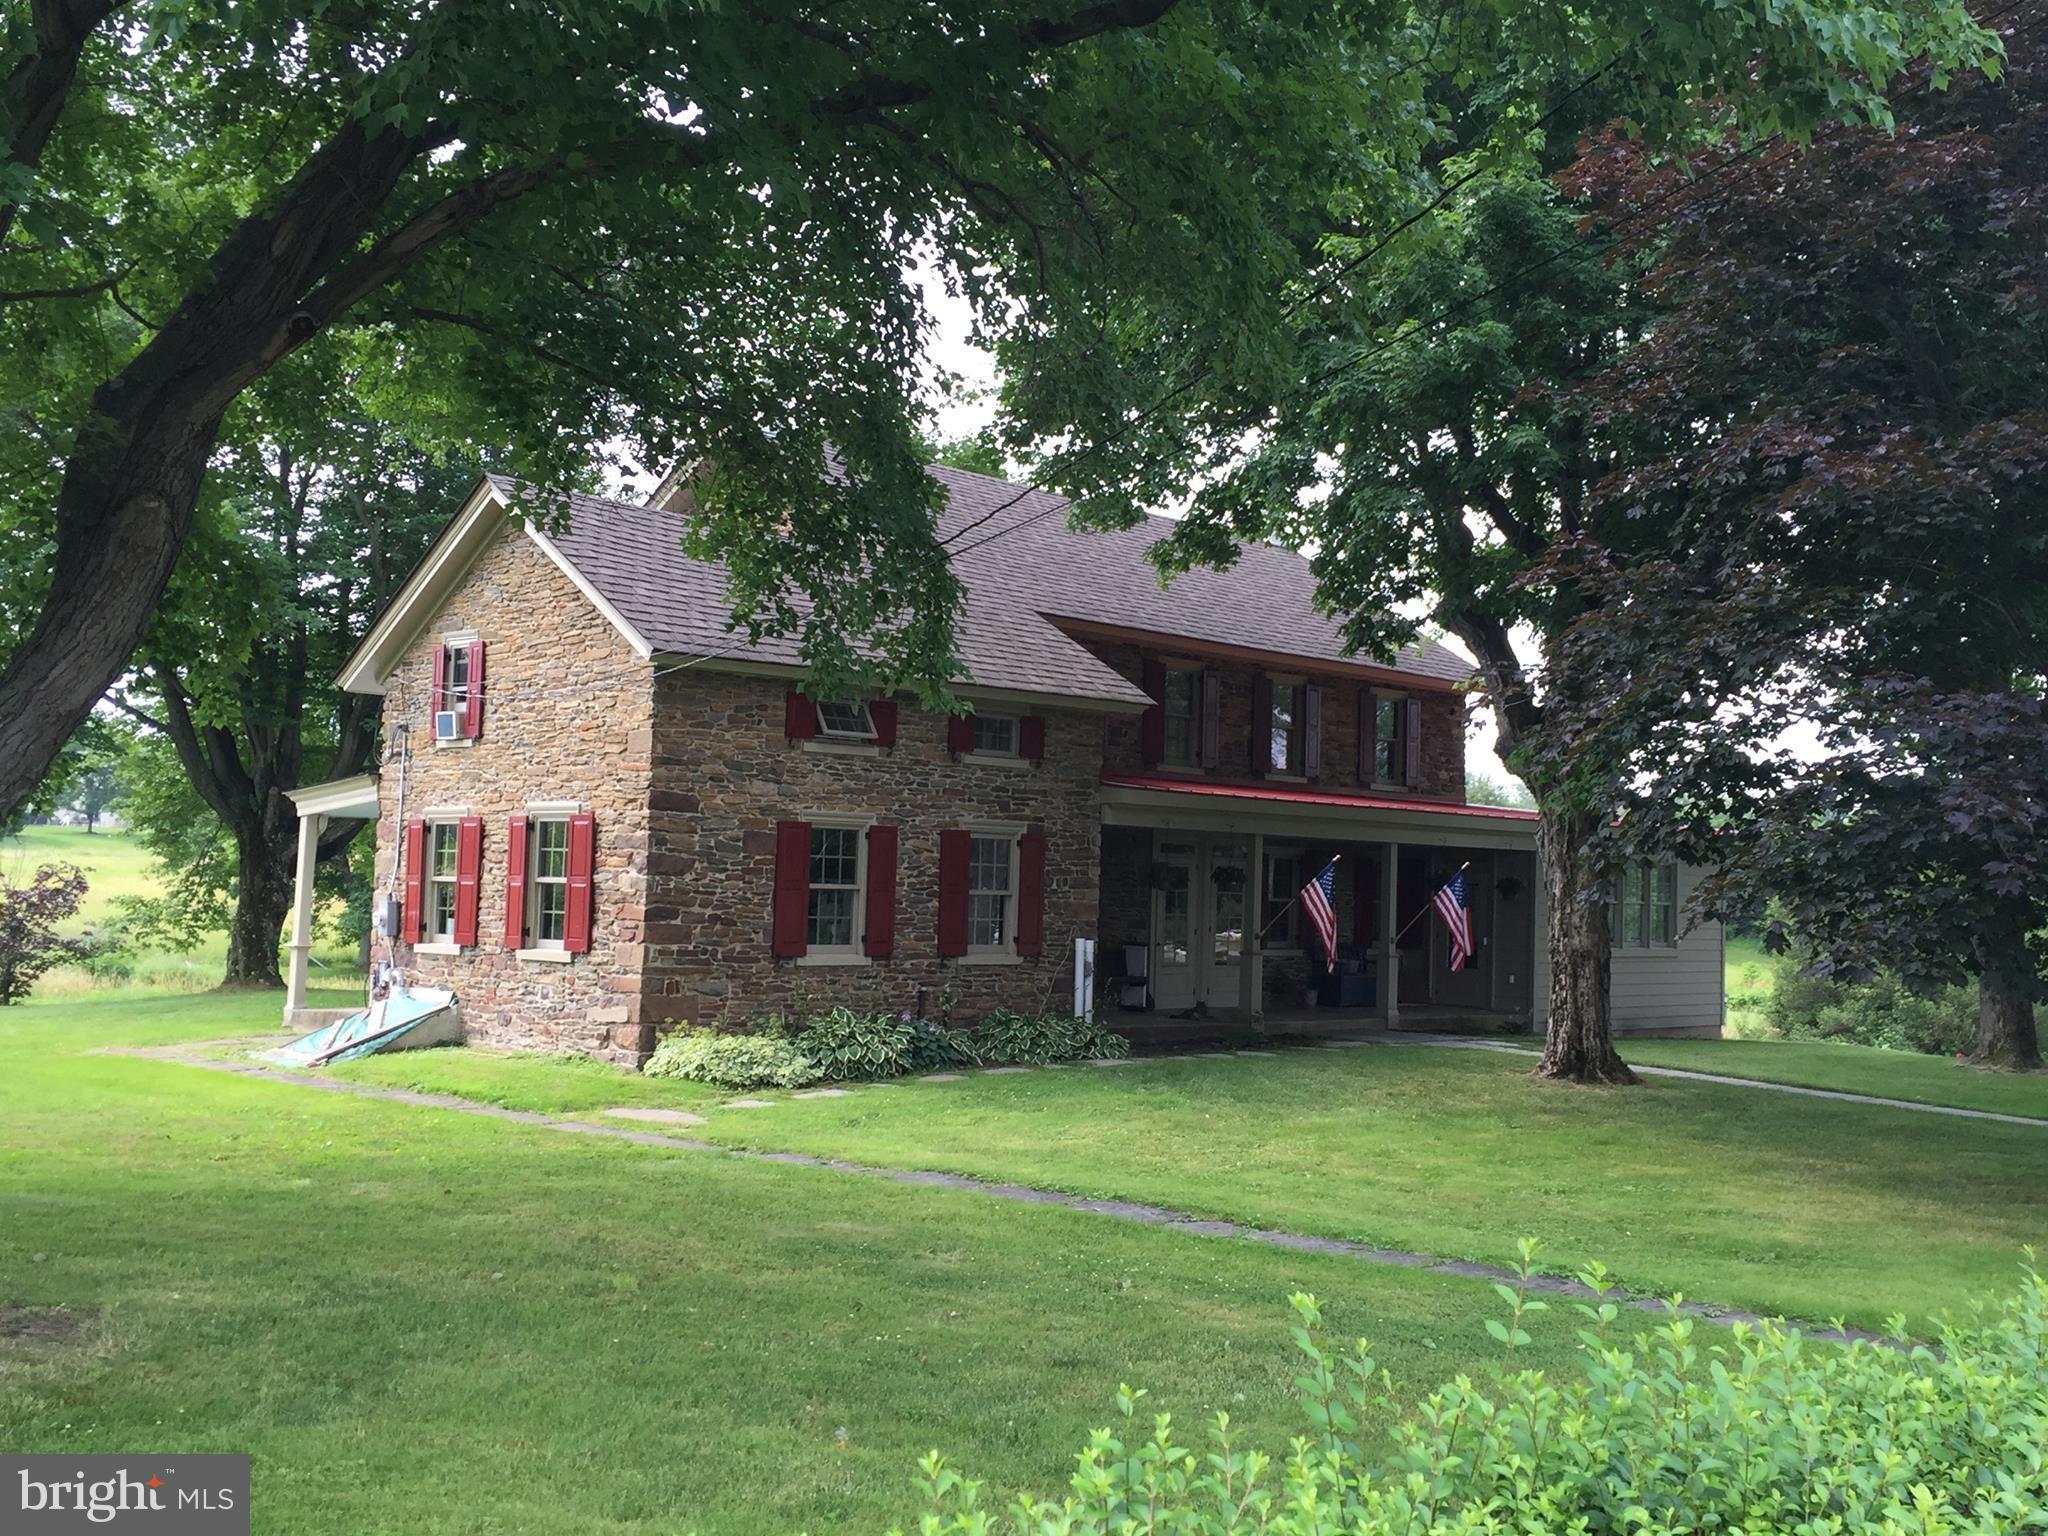 4220 APPLEBUTTER ROAD, DOYLESTOWN, PA 18902